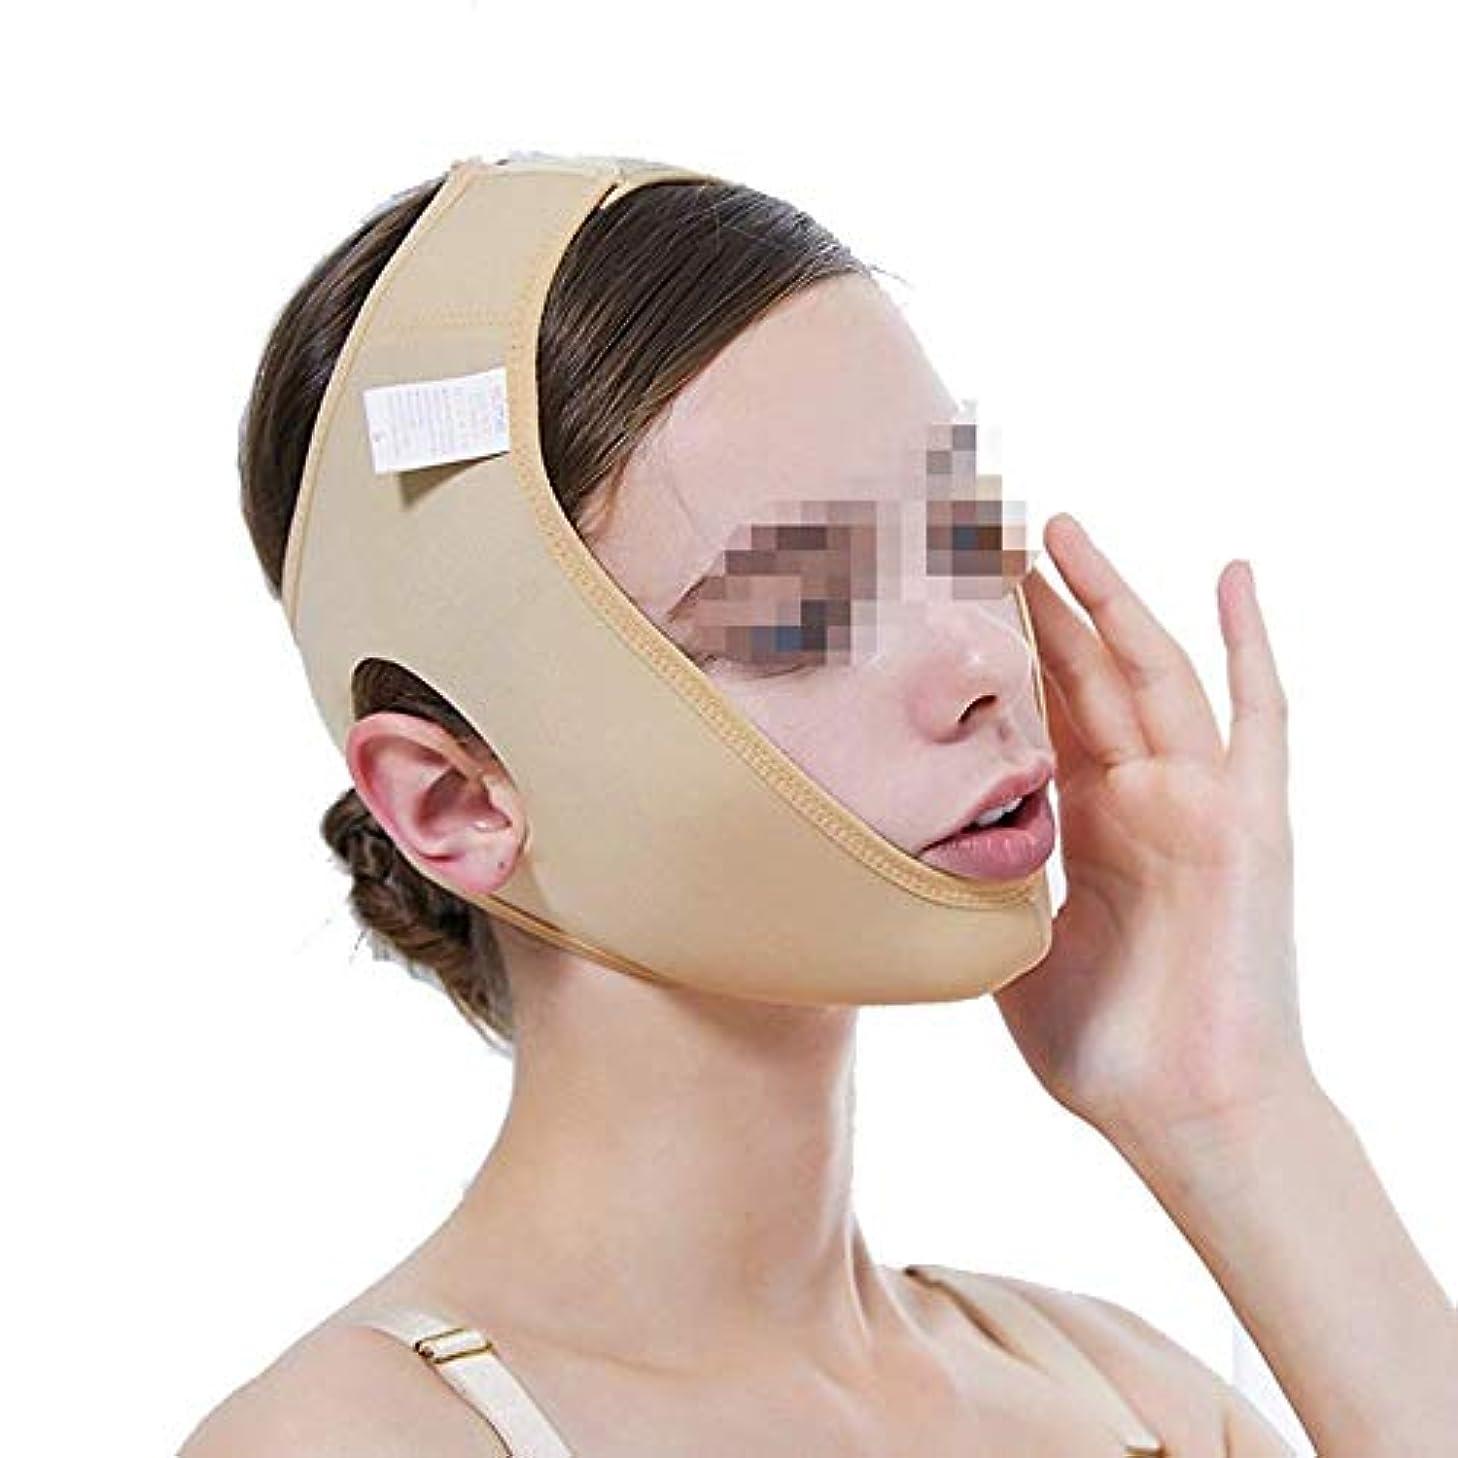 パネル傾くまもなく術後ヘッドギア、薄型ダブルチンVフェイスビームフェイスジョーセットフェイスマスクマルチサイズオプション(サイズ:L)